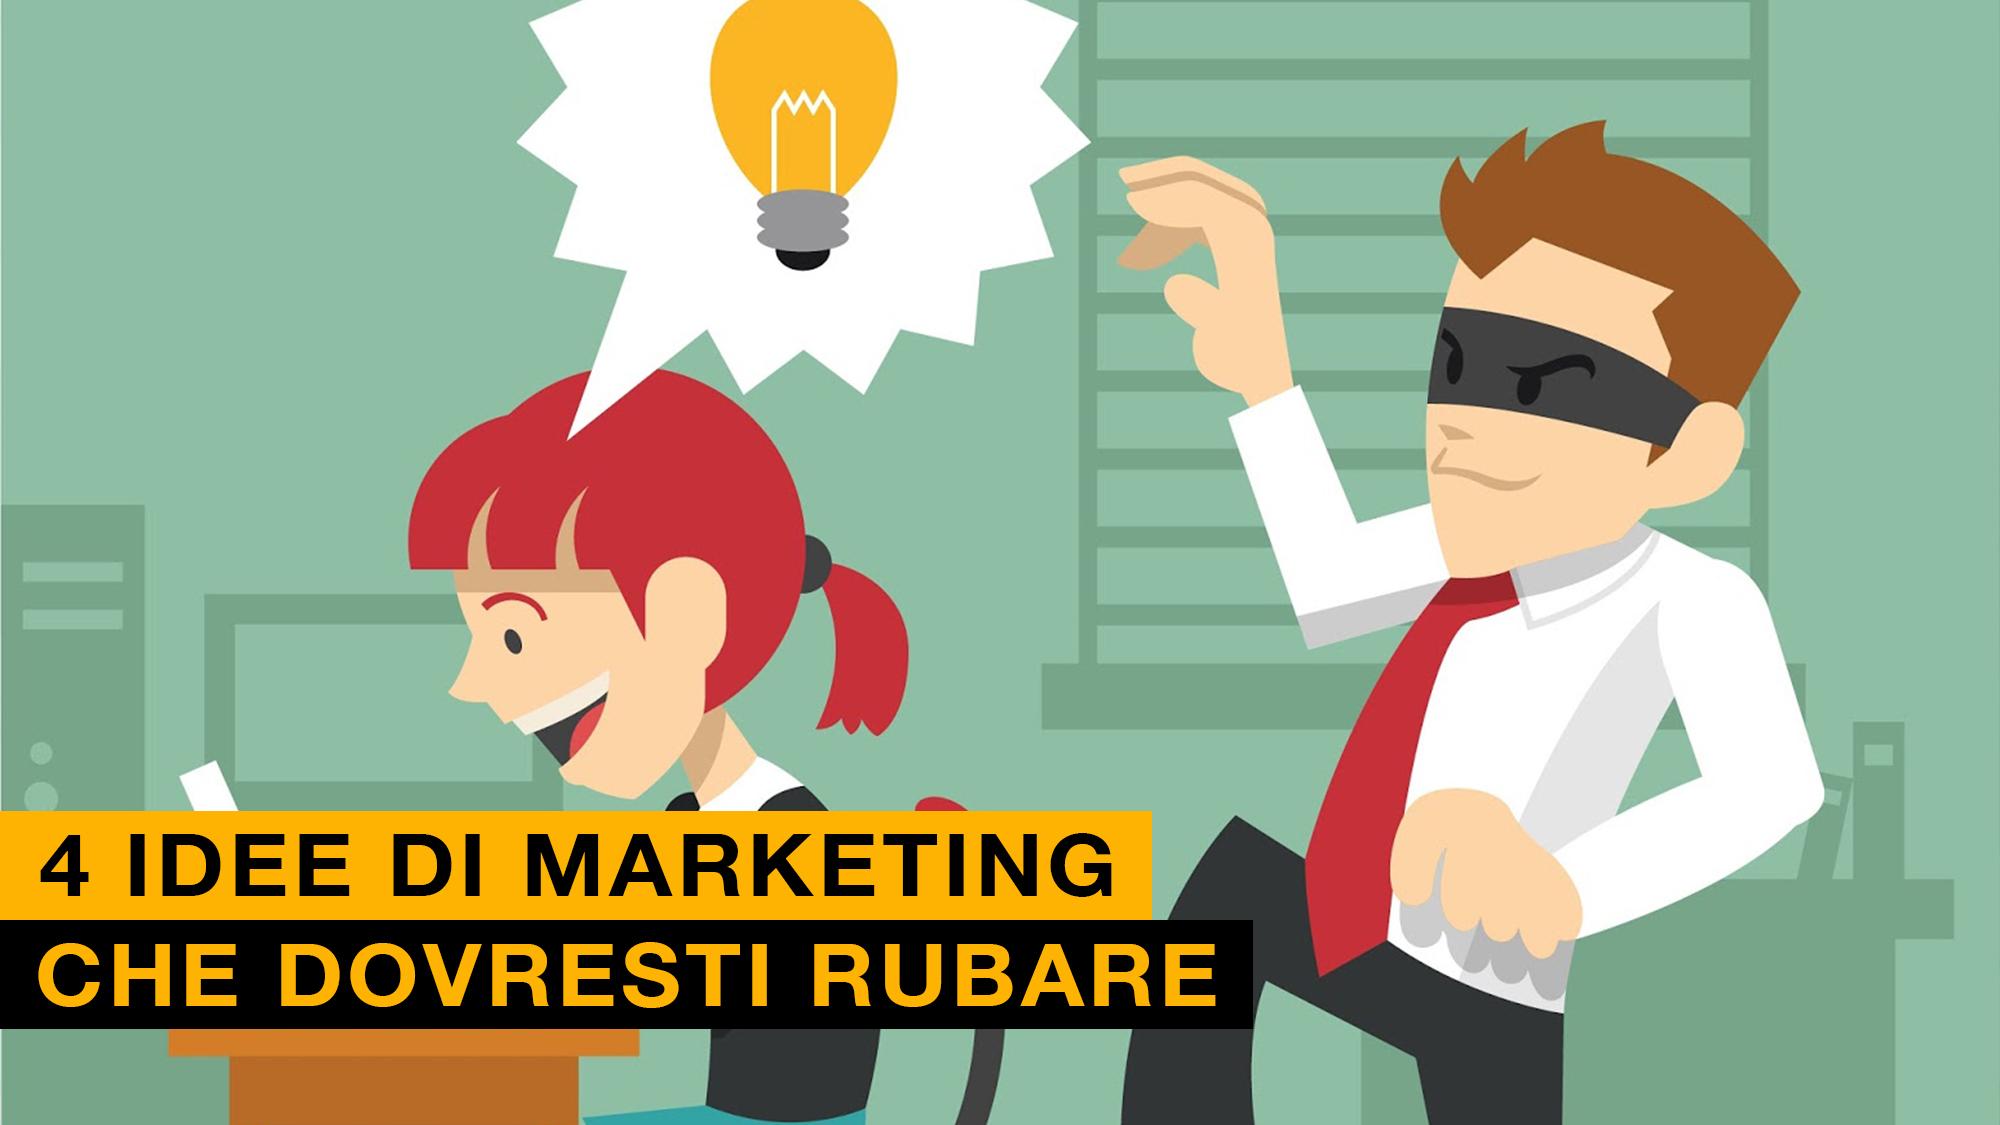 Idee di Marketing